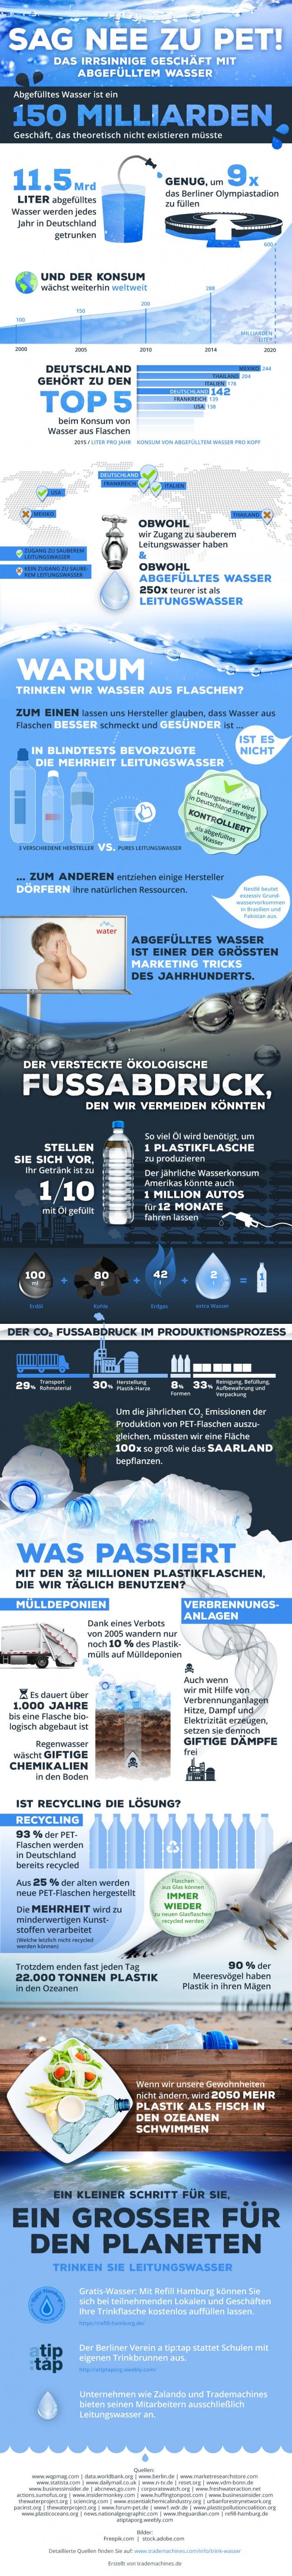 Eine Infografik zeigt warum wir Wasser in Plastikflaschen vermeiden sollten